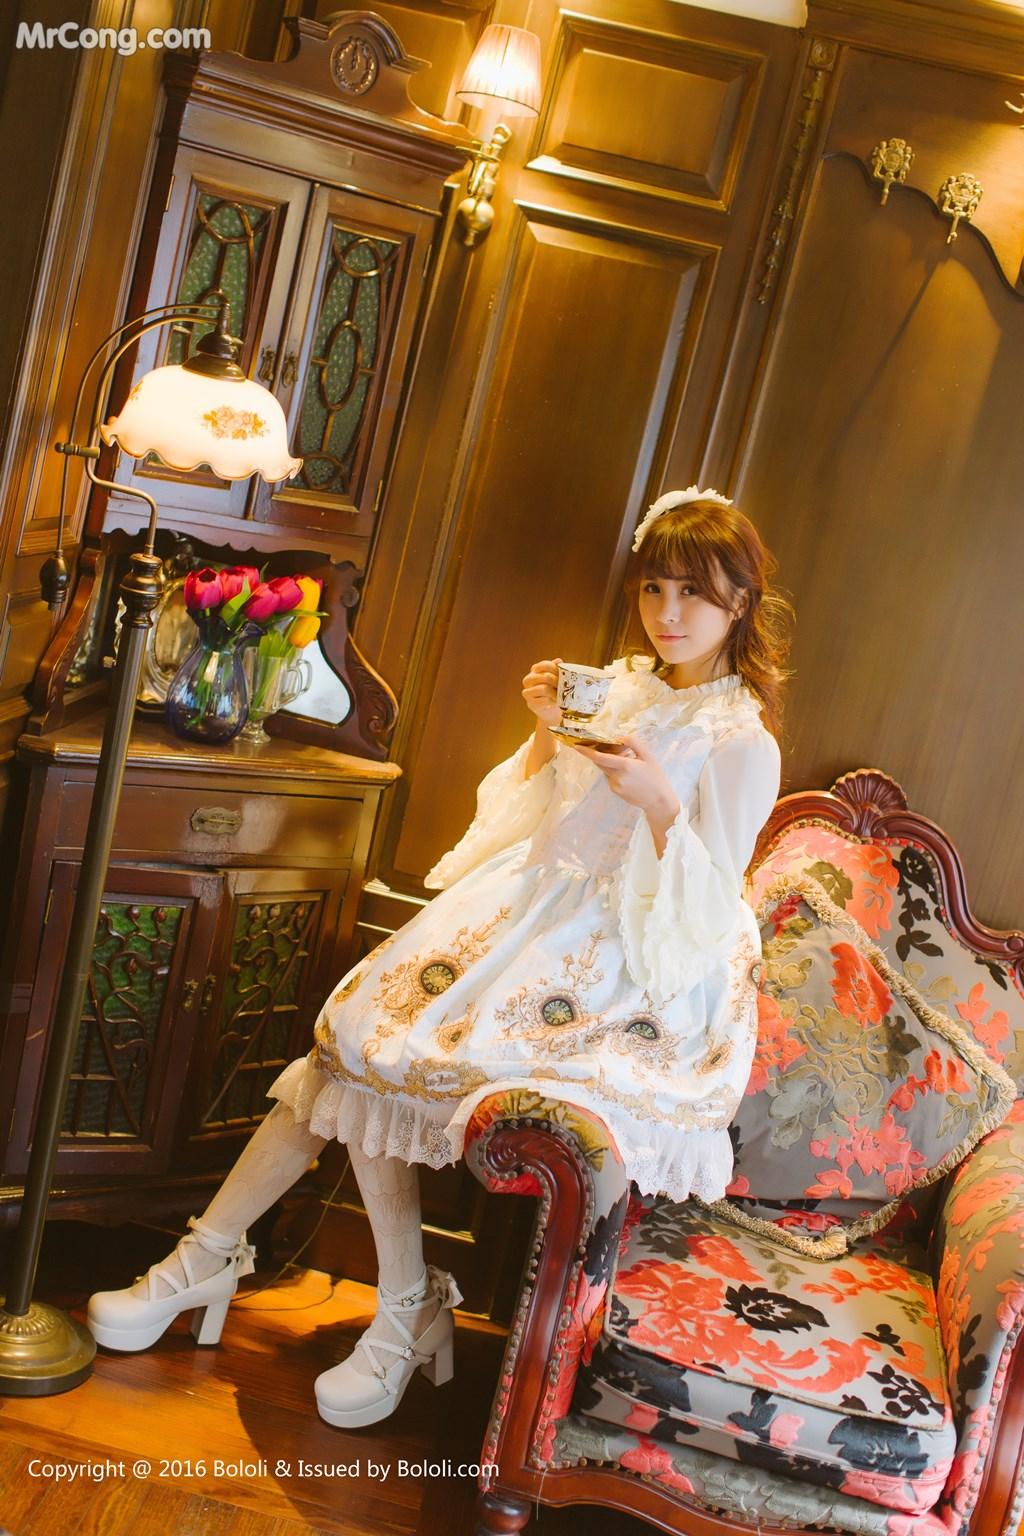 Image Tukmo-Vol.113-Xia-Mei-Jiang-MrCong.com-009 in post Tukmo Vol.113: Người mẫu Xia Mei Jiang (夏美酱) (63 ảnh)